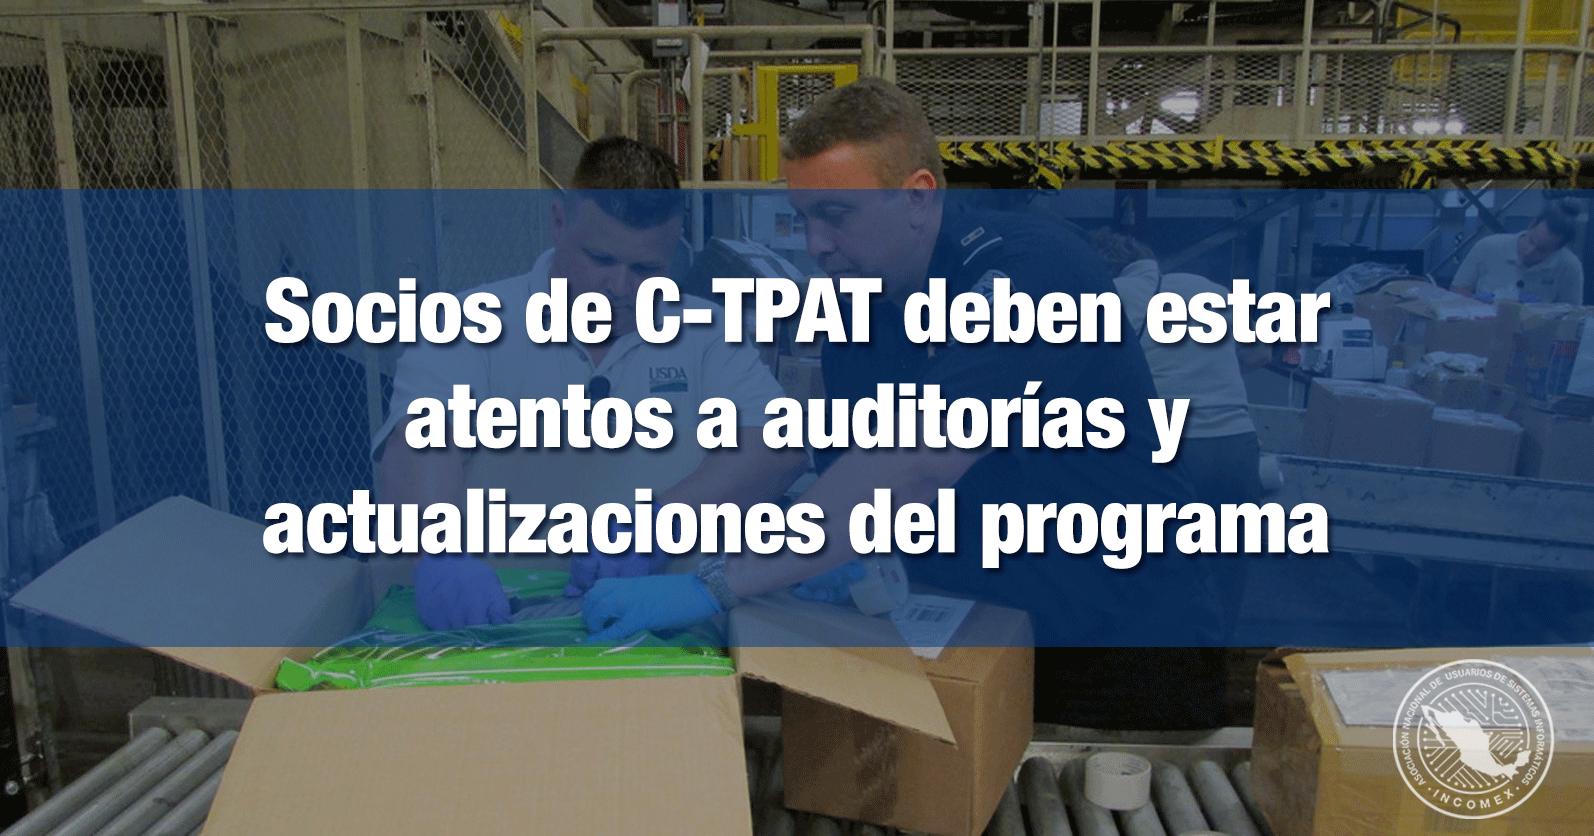 Socios de C-TPAT deben estar atentos a auditorías y actualizaciones del programa